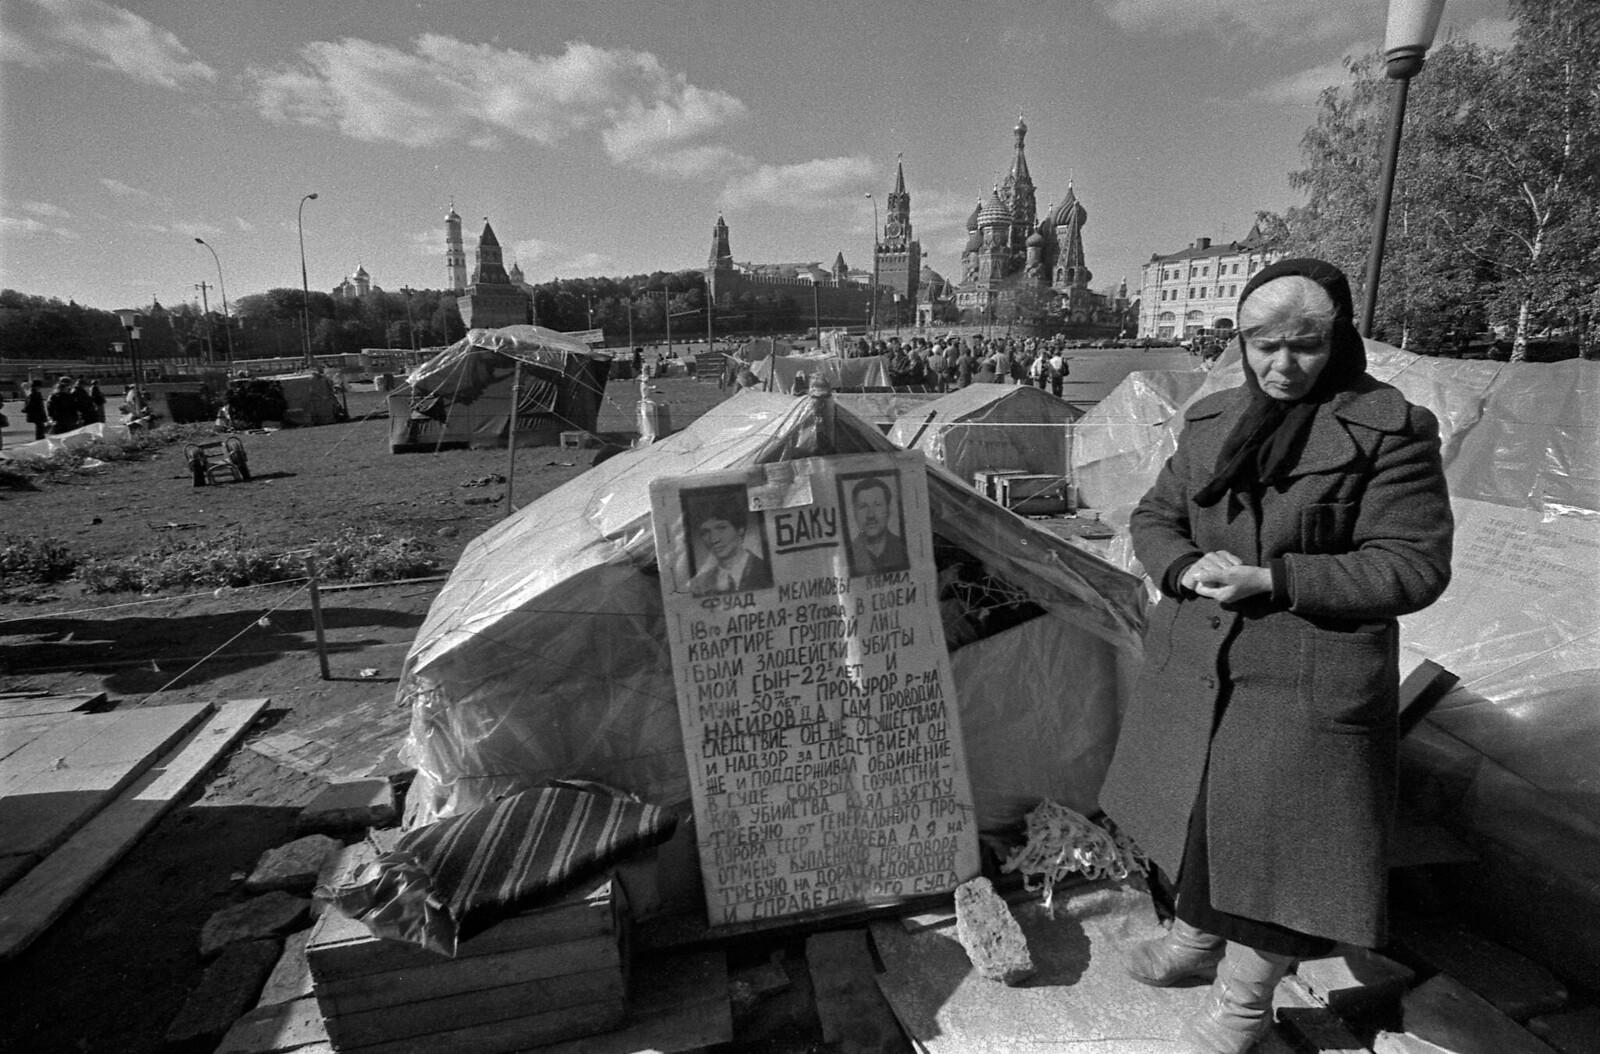 1989. Васильевский спуск, Палаточный городок